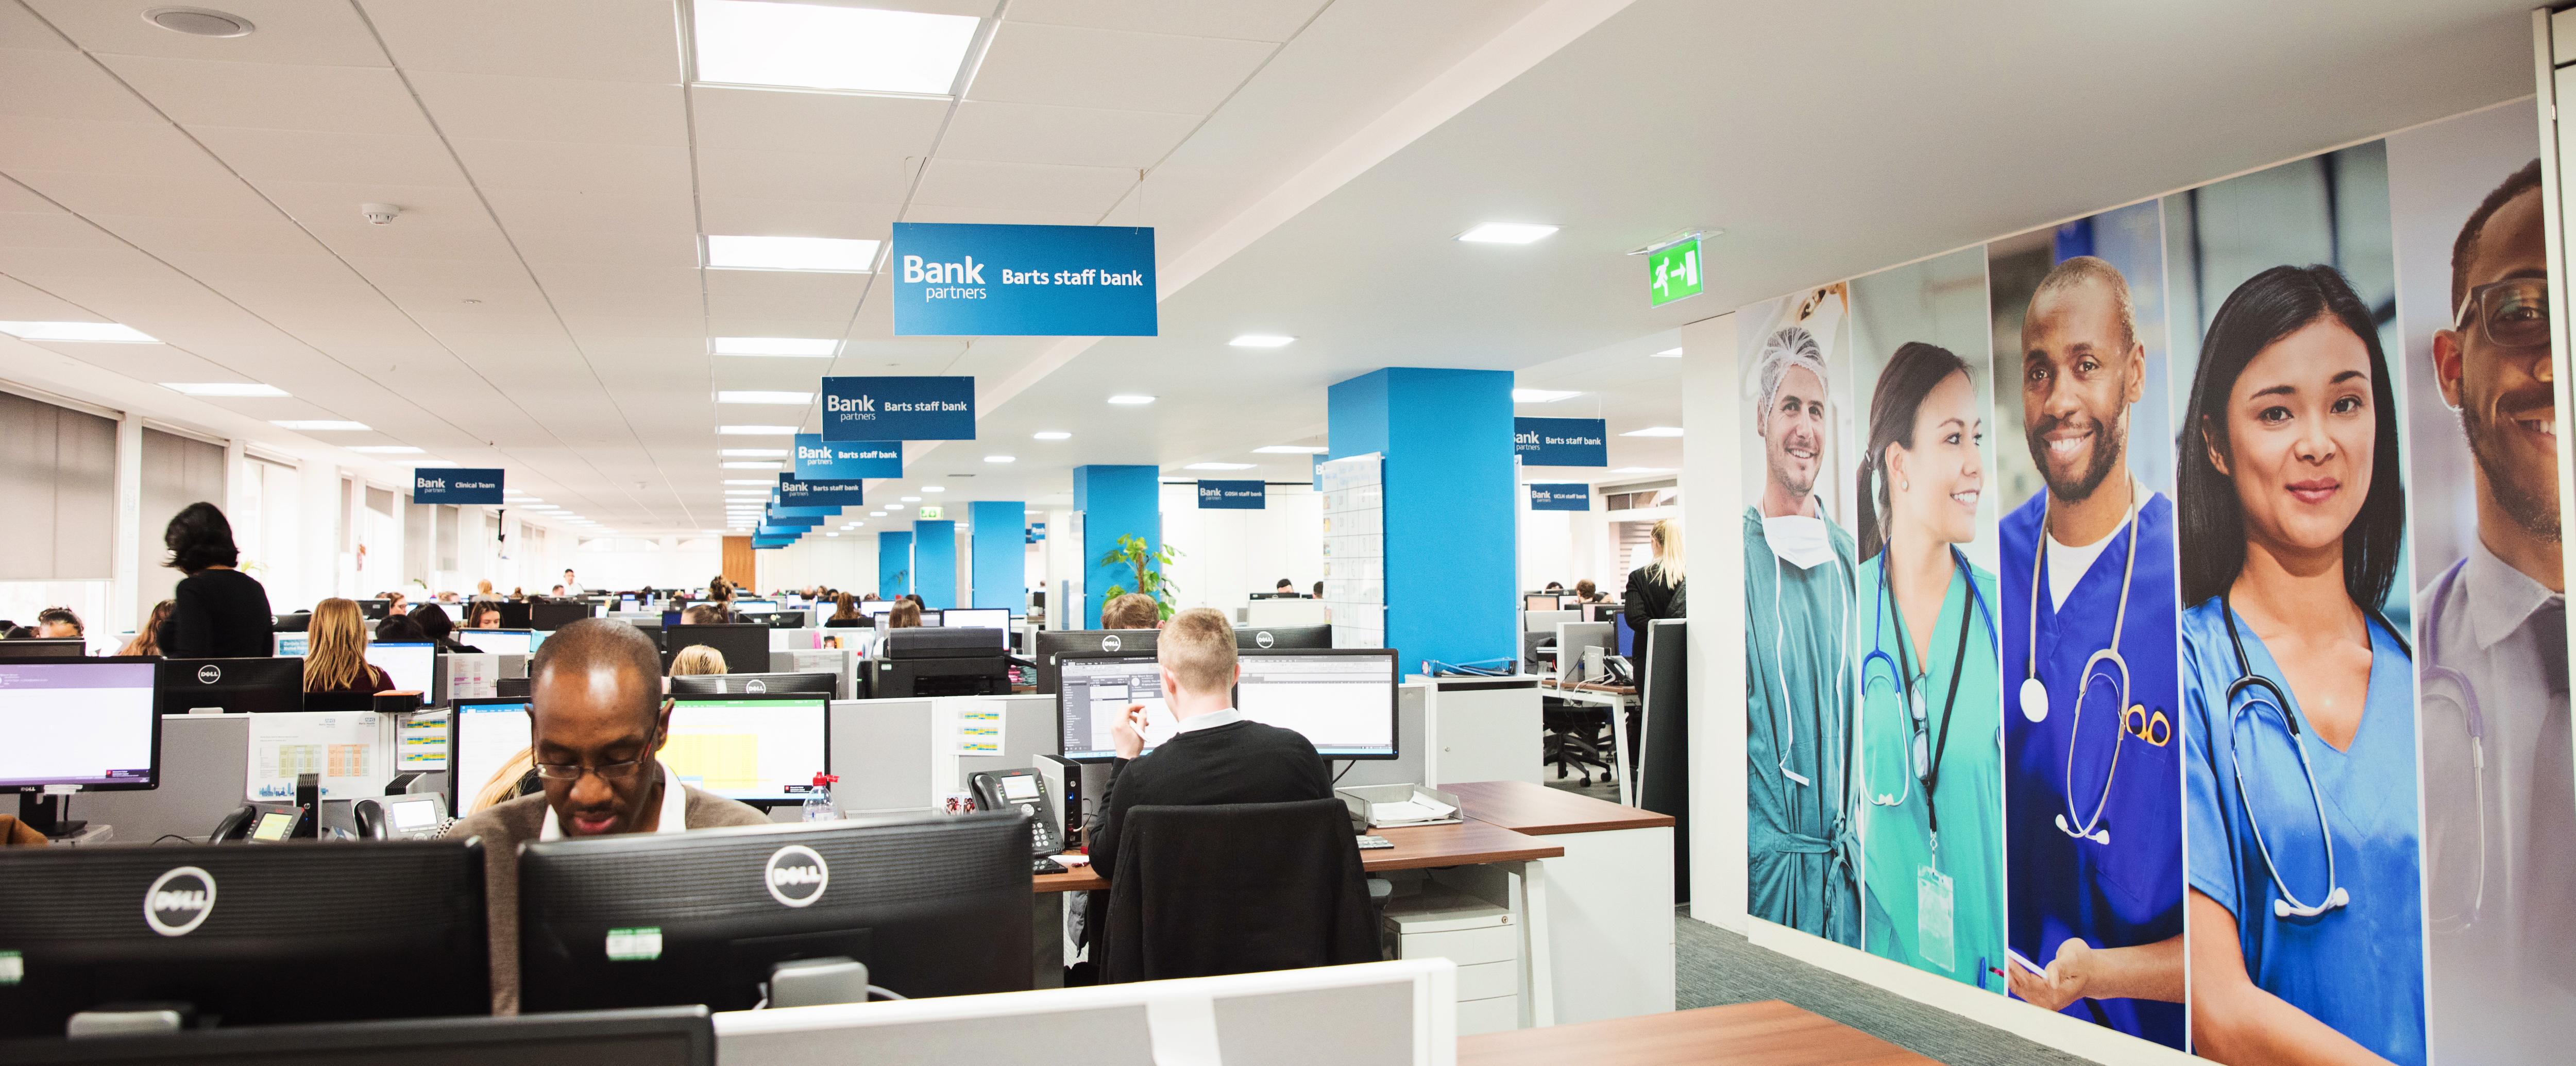 Bank staff bank